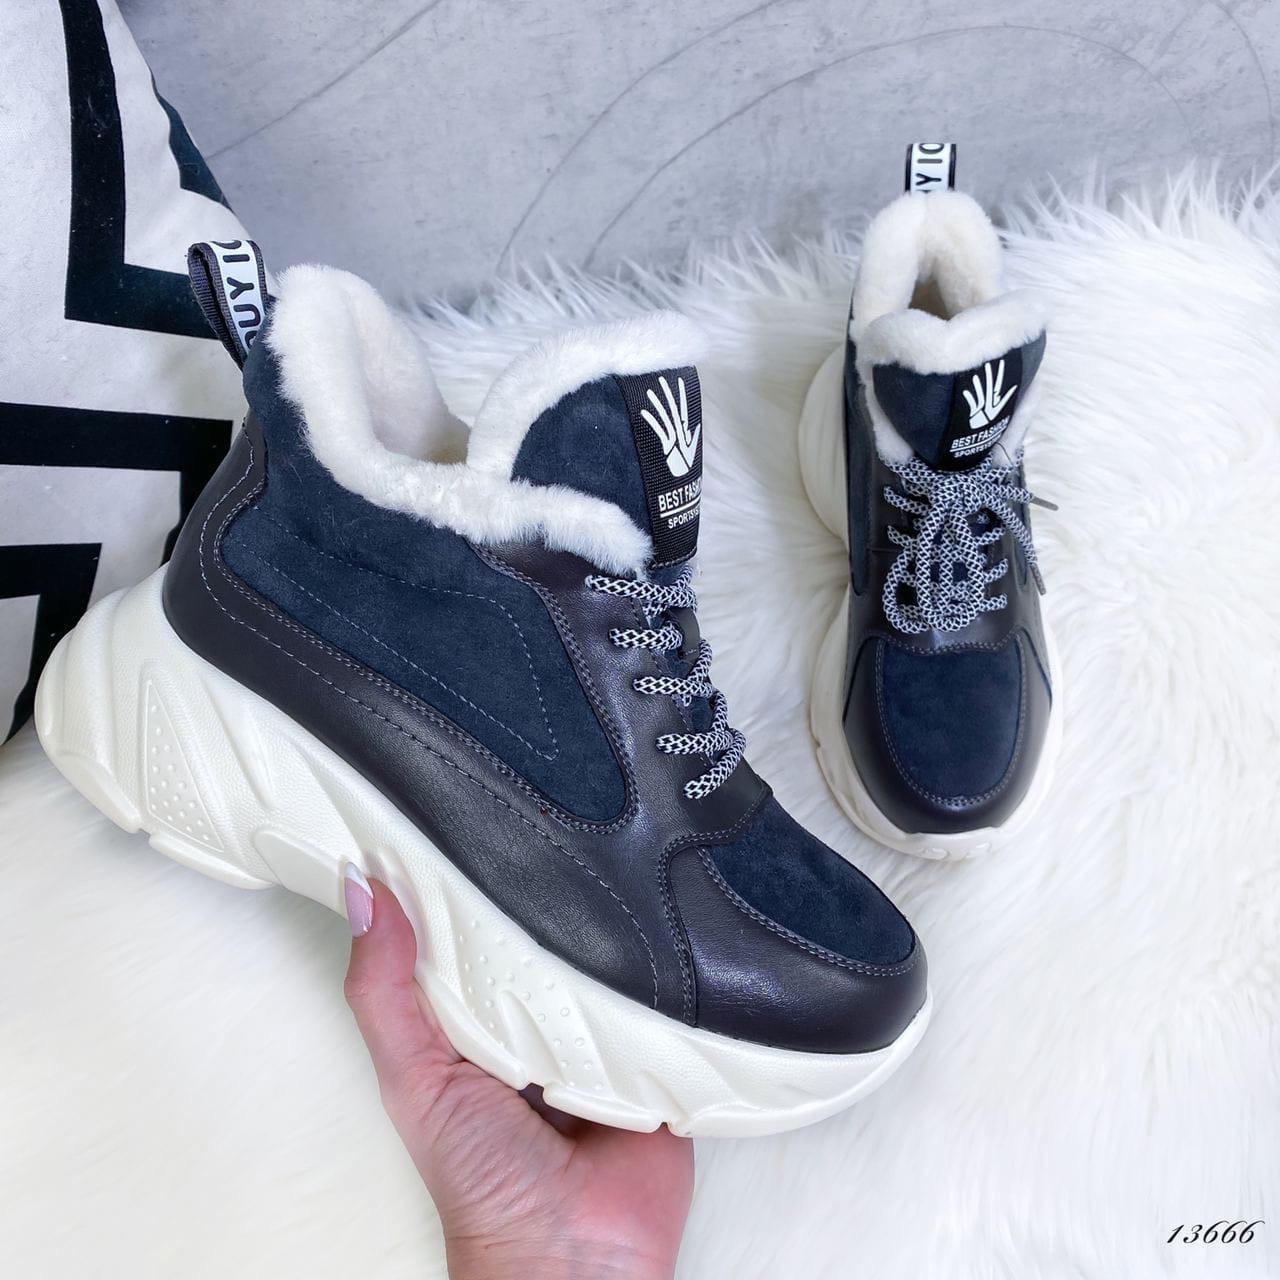 Женские кроссовки на меху 13666